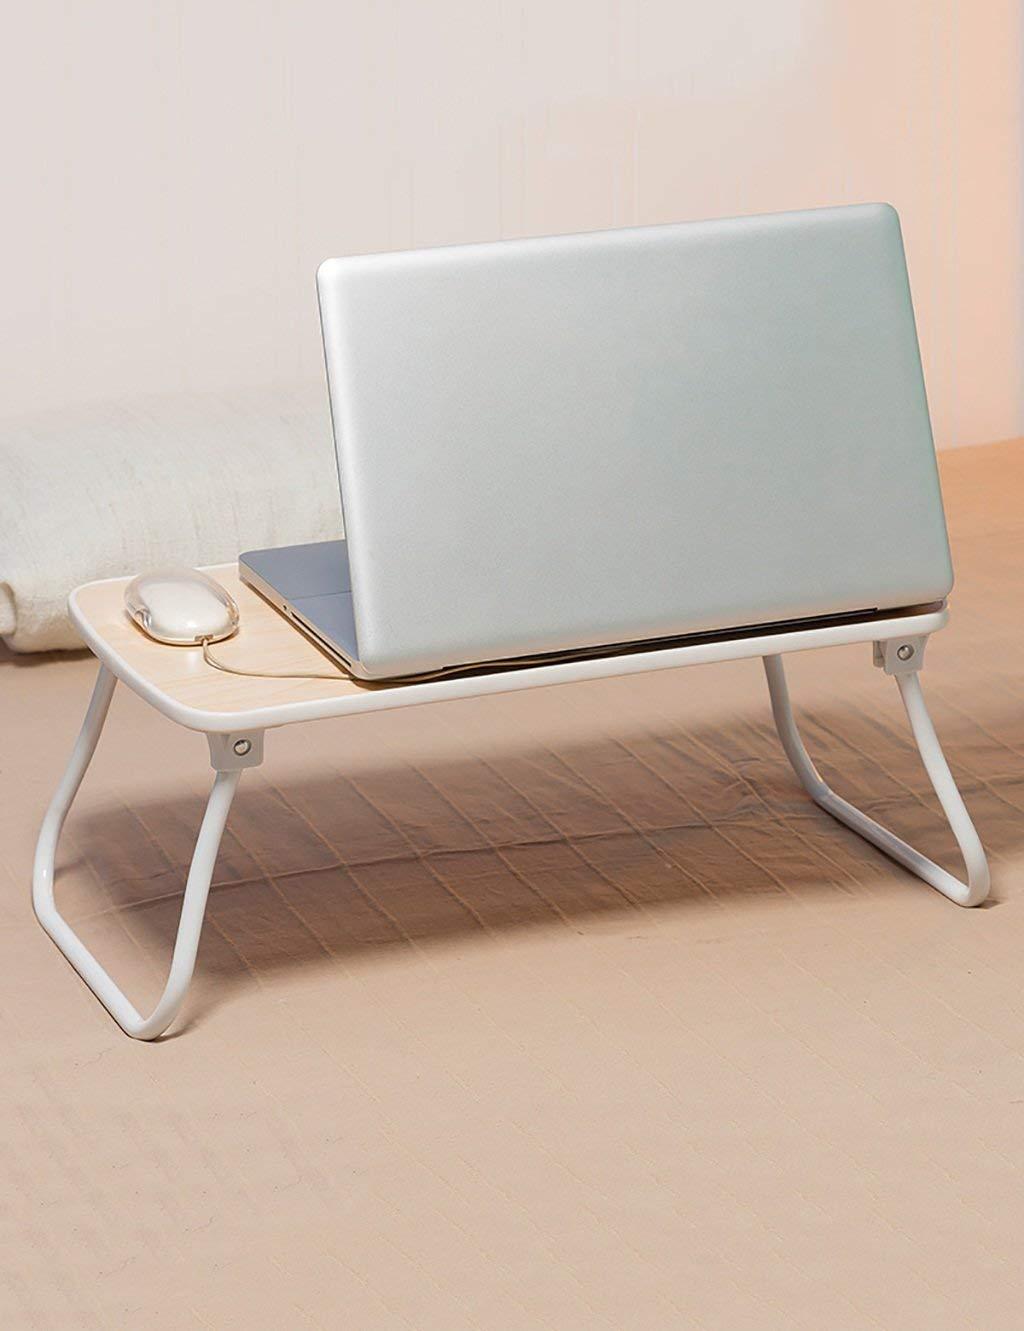 mejor moda blanco LWH 52.630.522.8cm XHCP Mesa Plegable para para para computadora portátil Mesa de Estudio Simple (4 Colors Disponibles) (Color  blancoo, Tamaño  L  W  H  52.6  30.5  22.8cm)  lo último